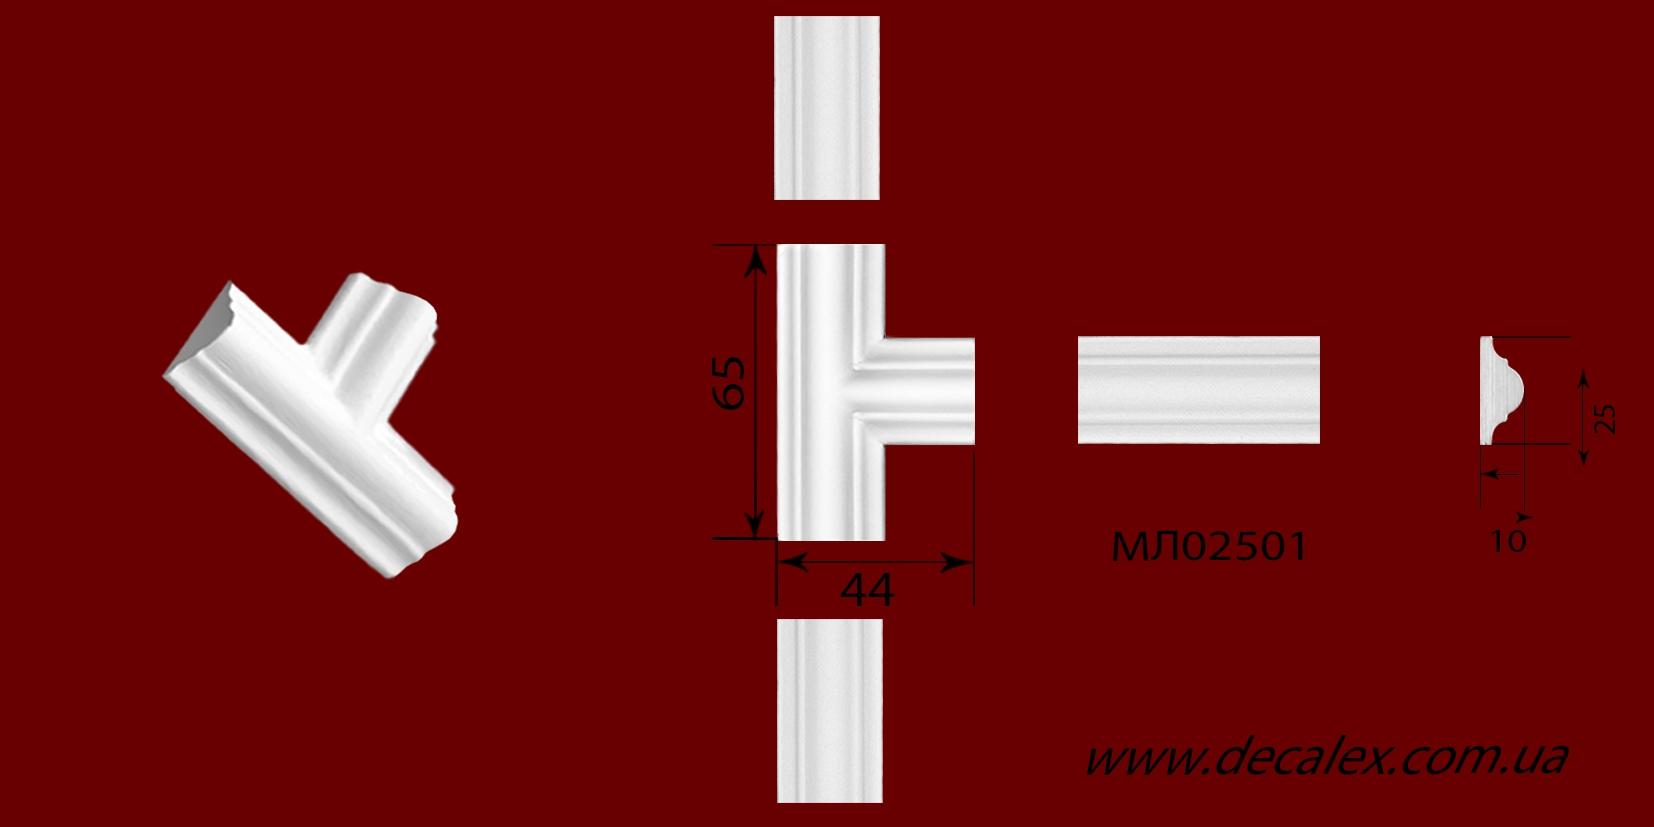 Код товара ГЛ02501-3. Угловой элемент из гипса шириной 44 мм.,высотой 65 мм. стыкуется с МЛ02501. Розничная цена 35 грн./шт.